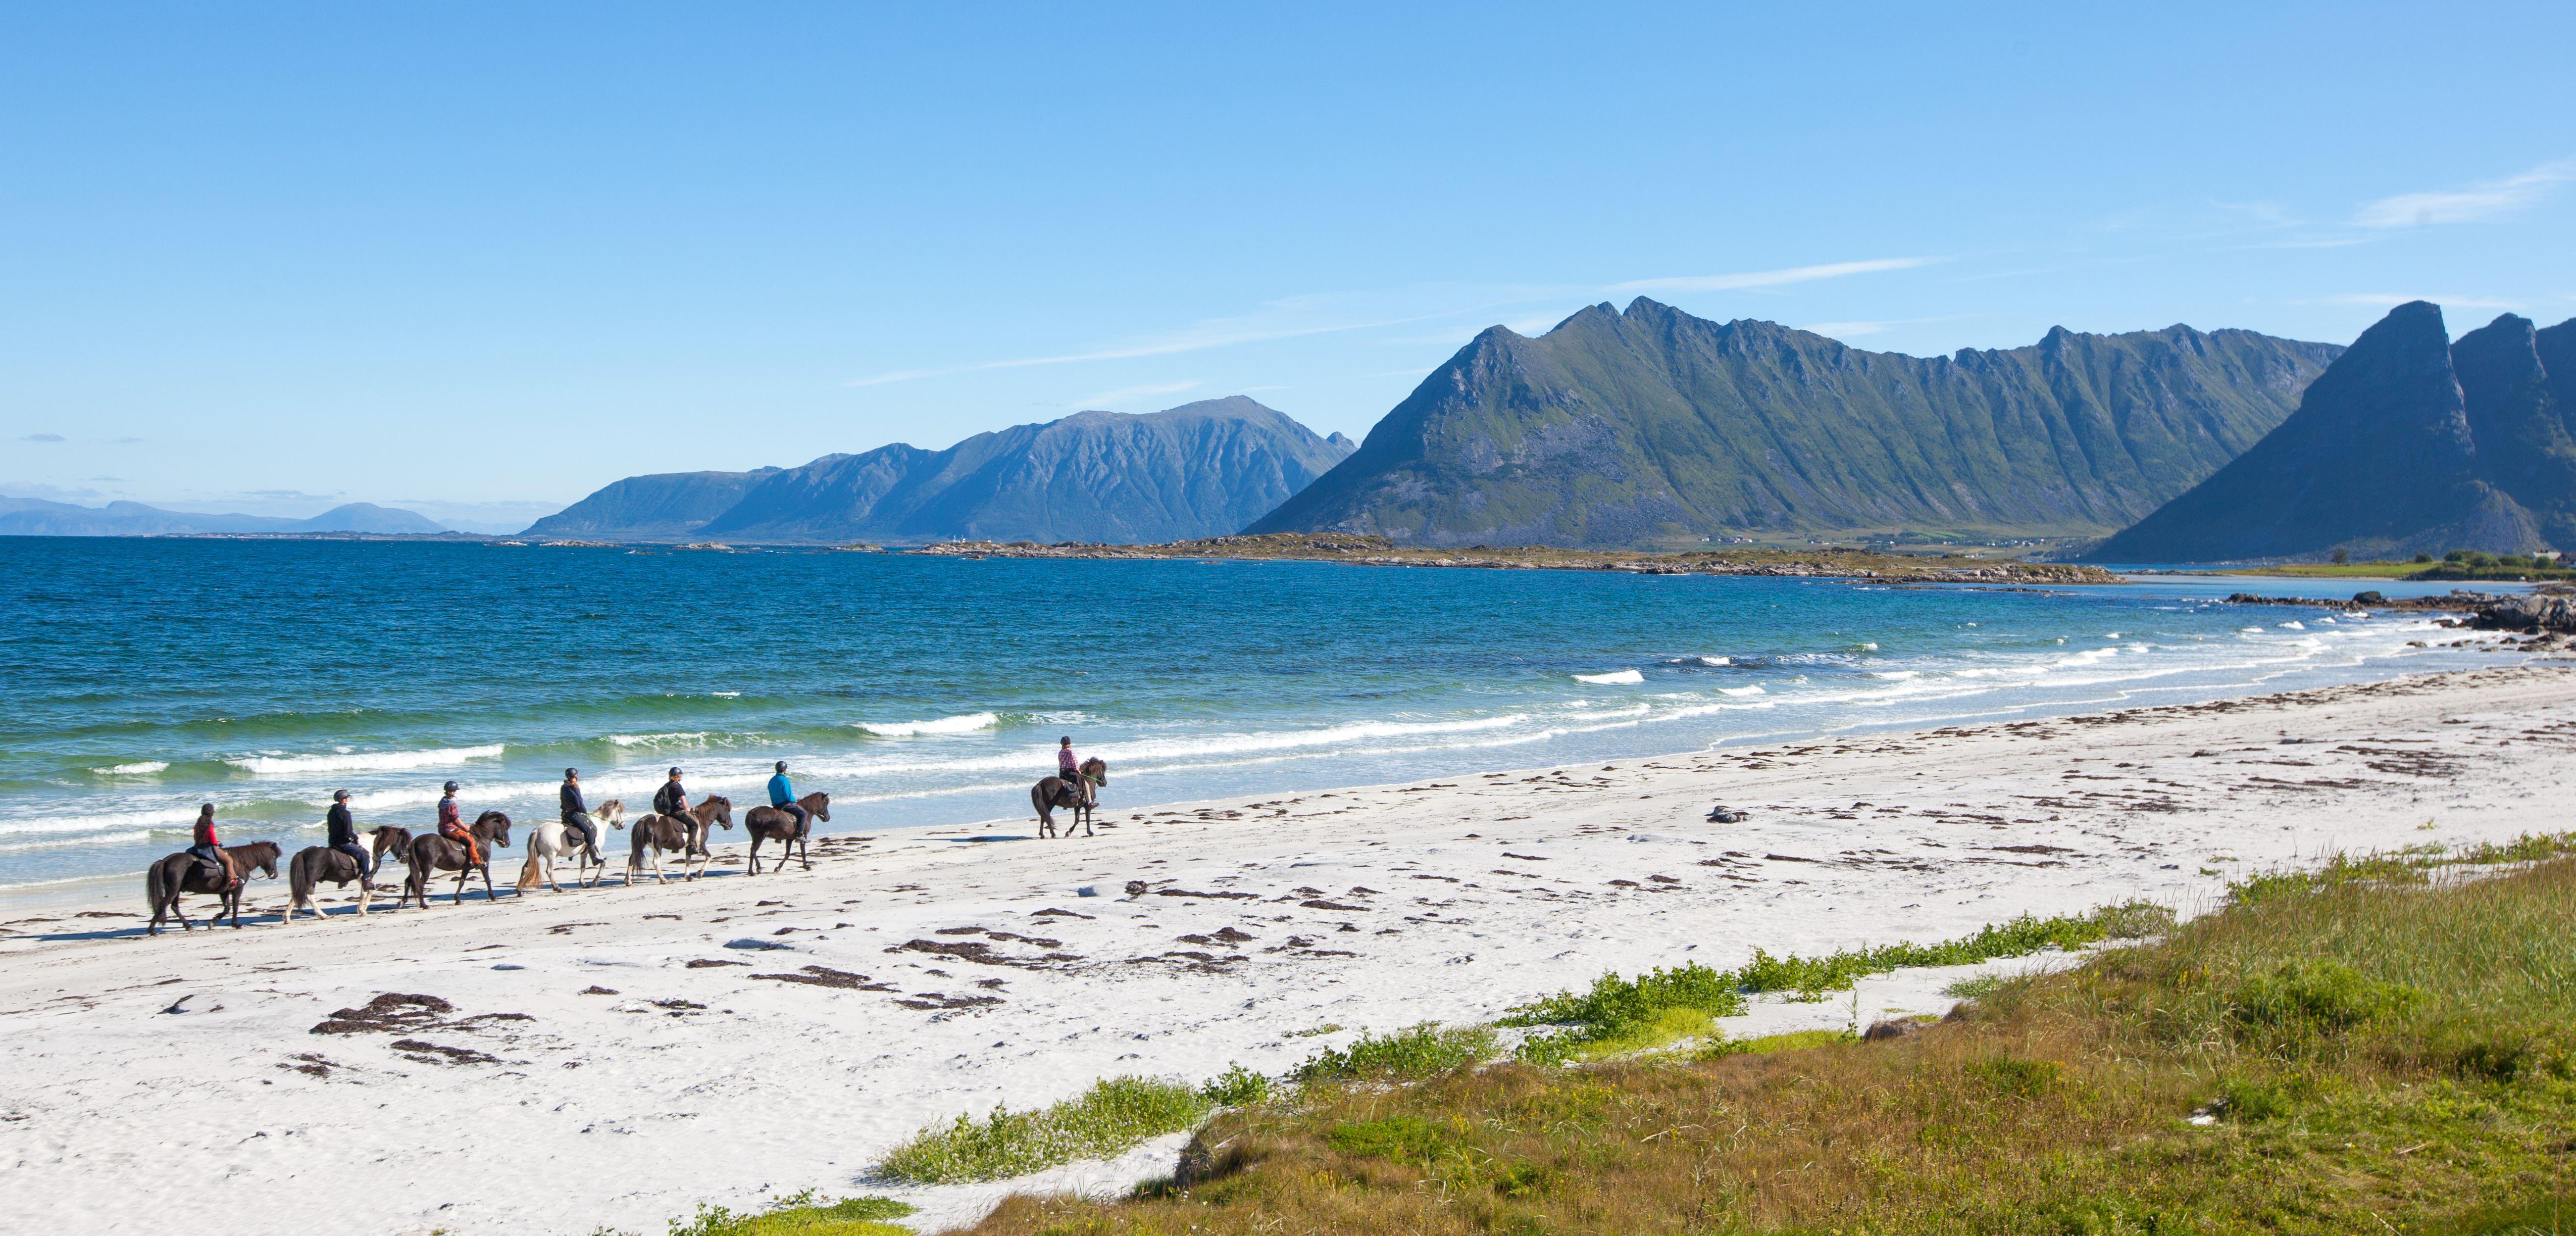 Half Day Tour (4 hours) - Horsebackriding on Icelandic Horses in Lofoten